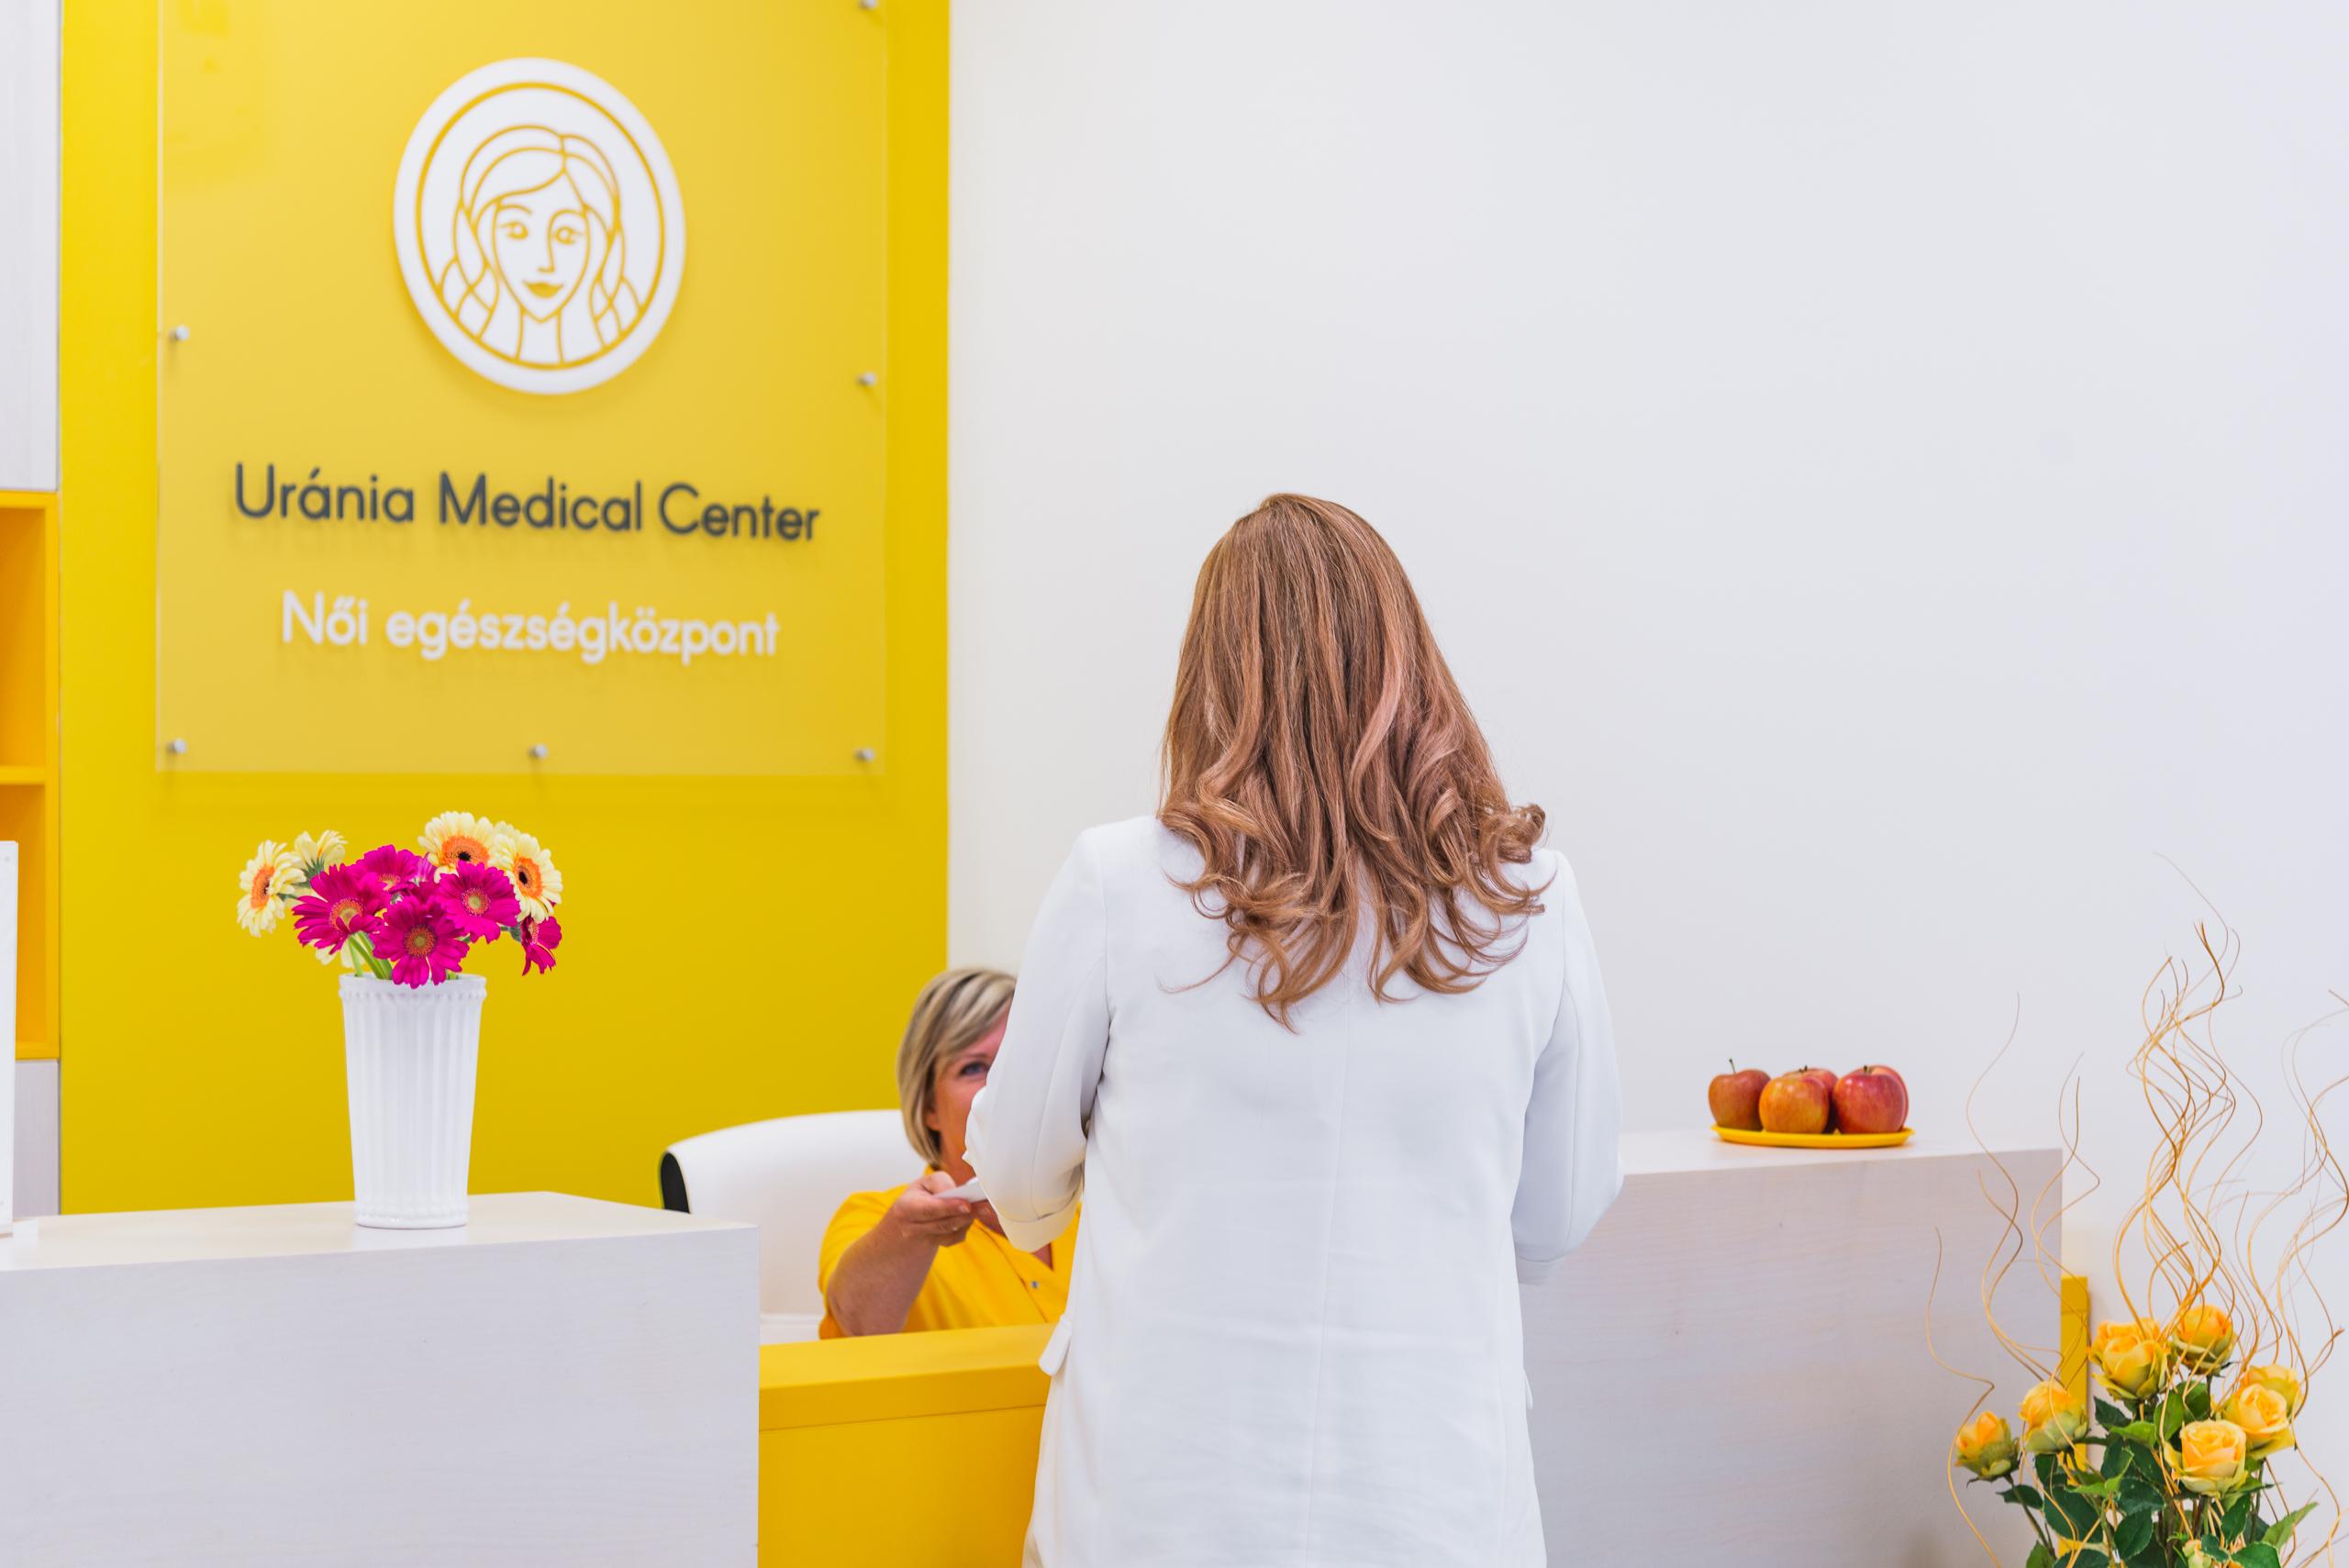 Uránia Medical Center